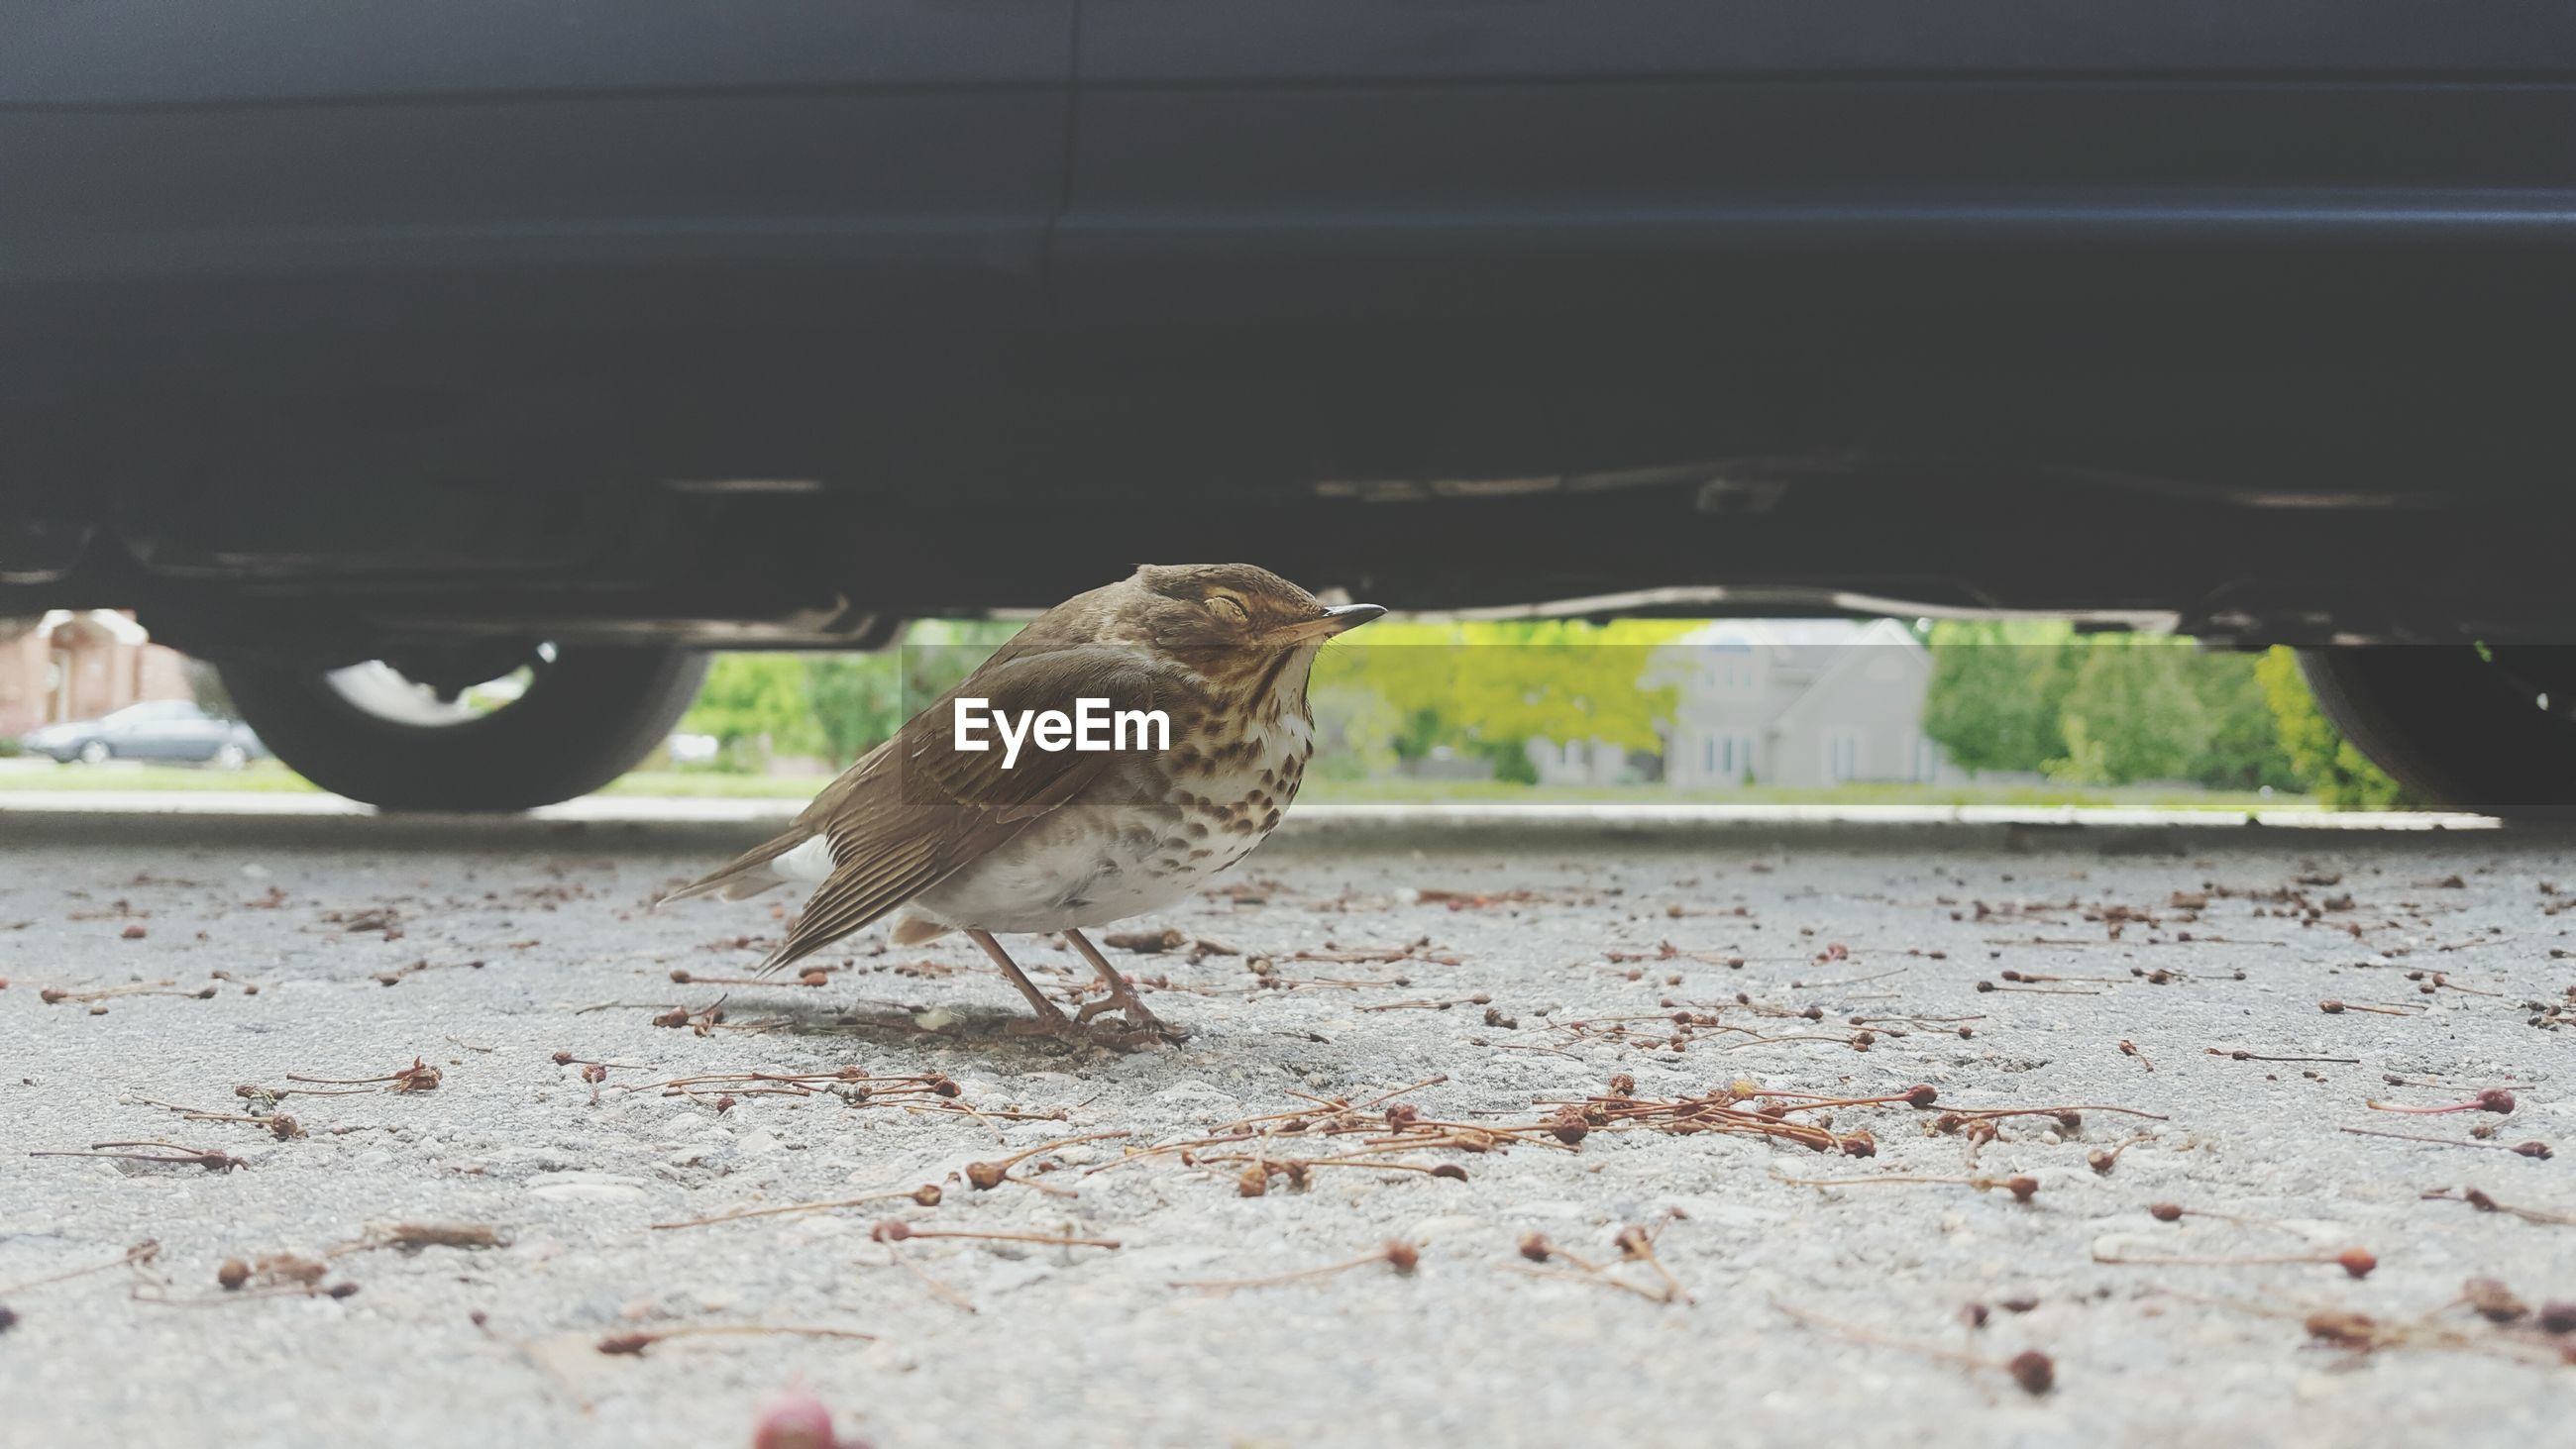 Bird on street against car